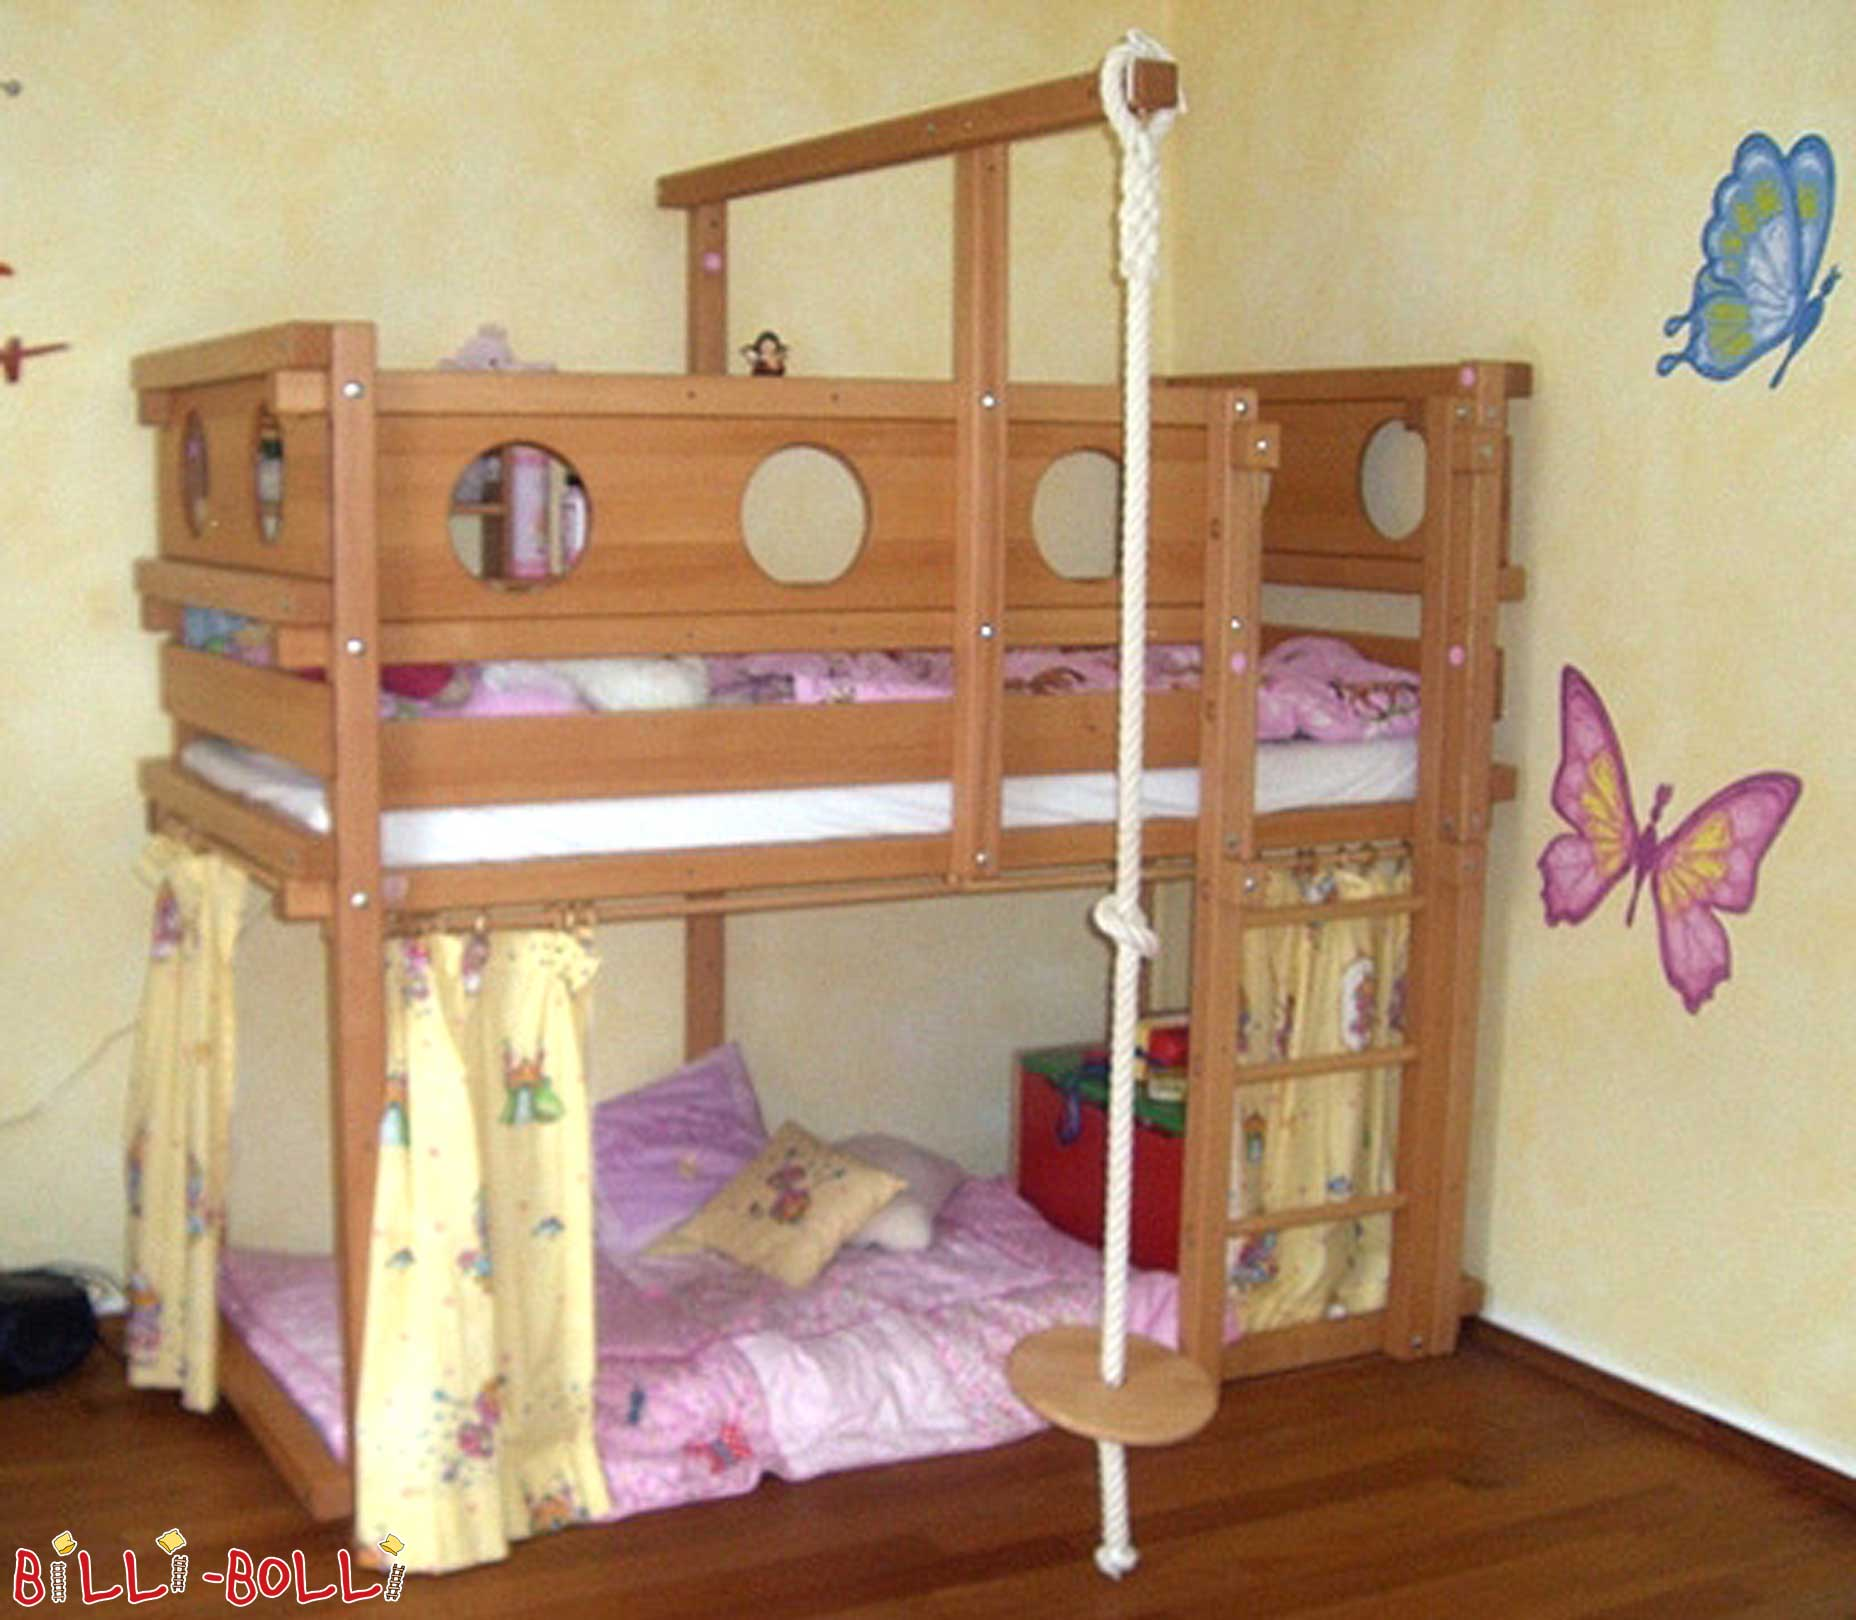 Meubles Pour Enfants Billi-Bolli